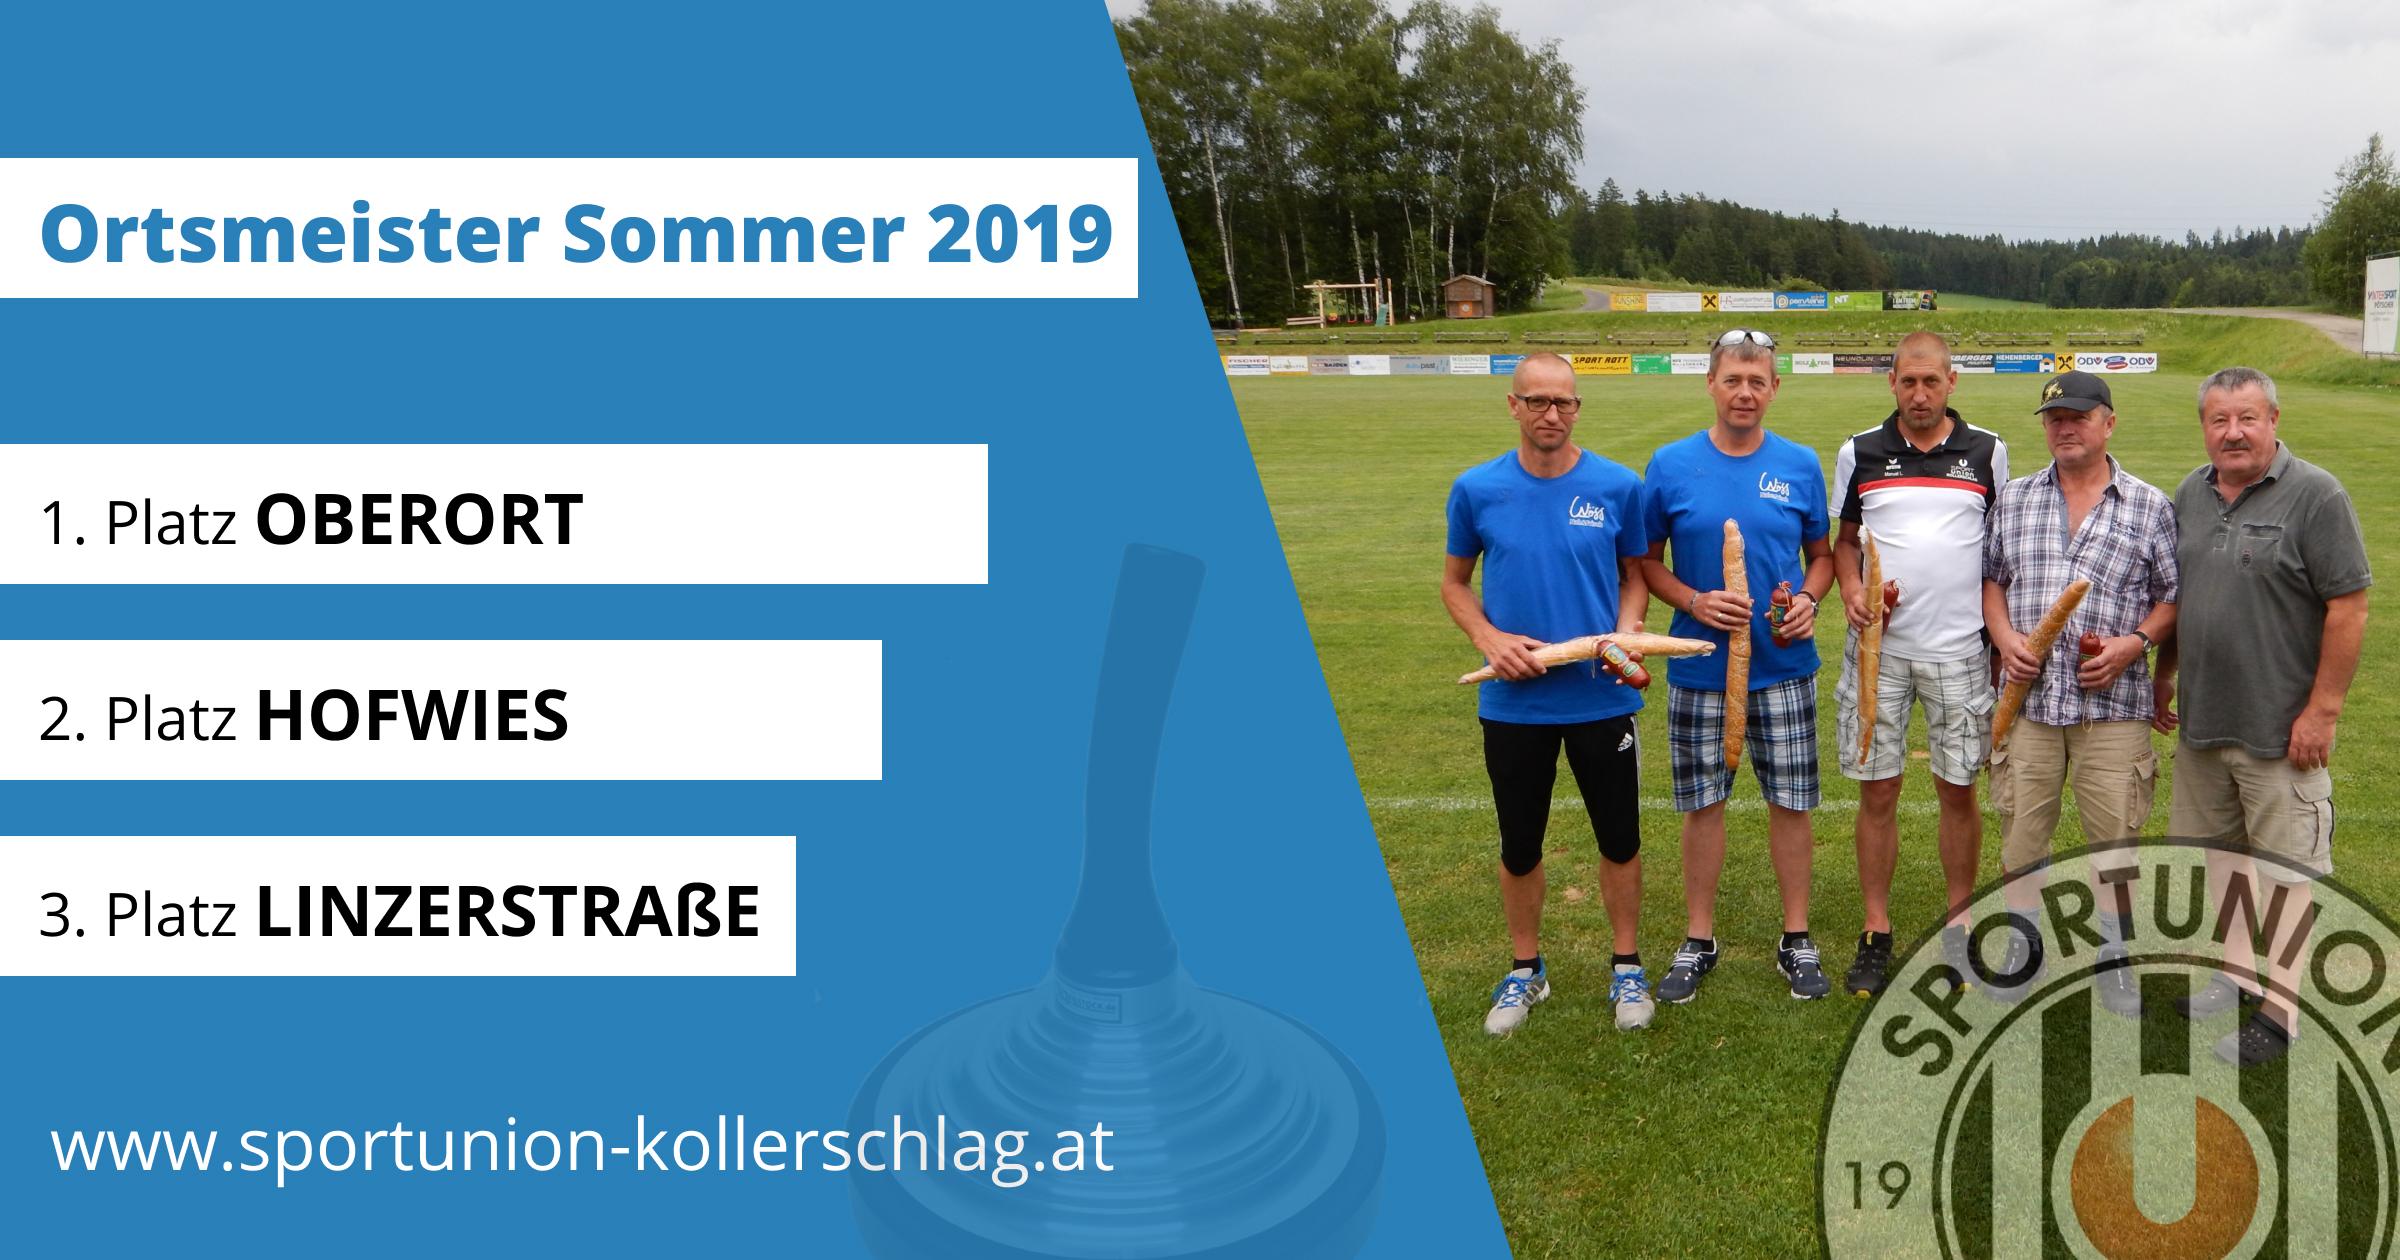 Ortsmeisterschaft Sommer 2019